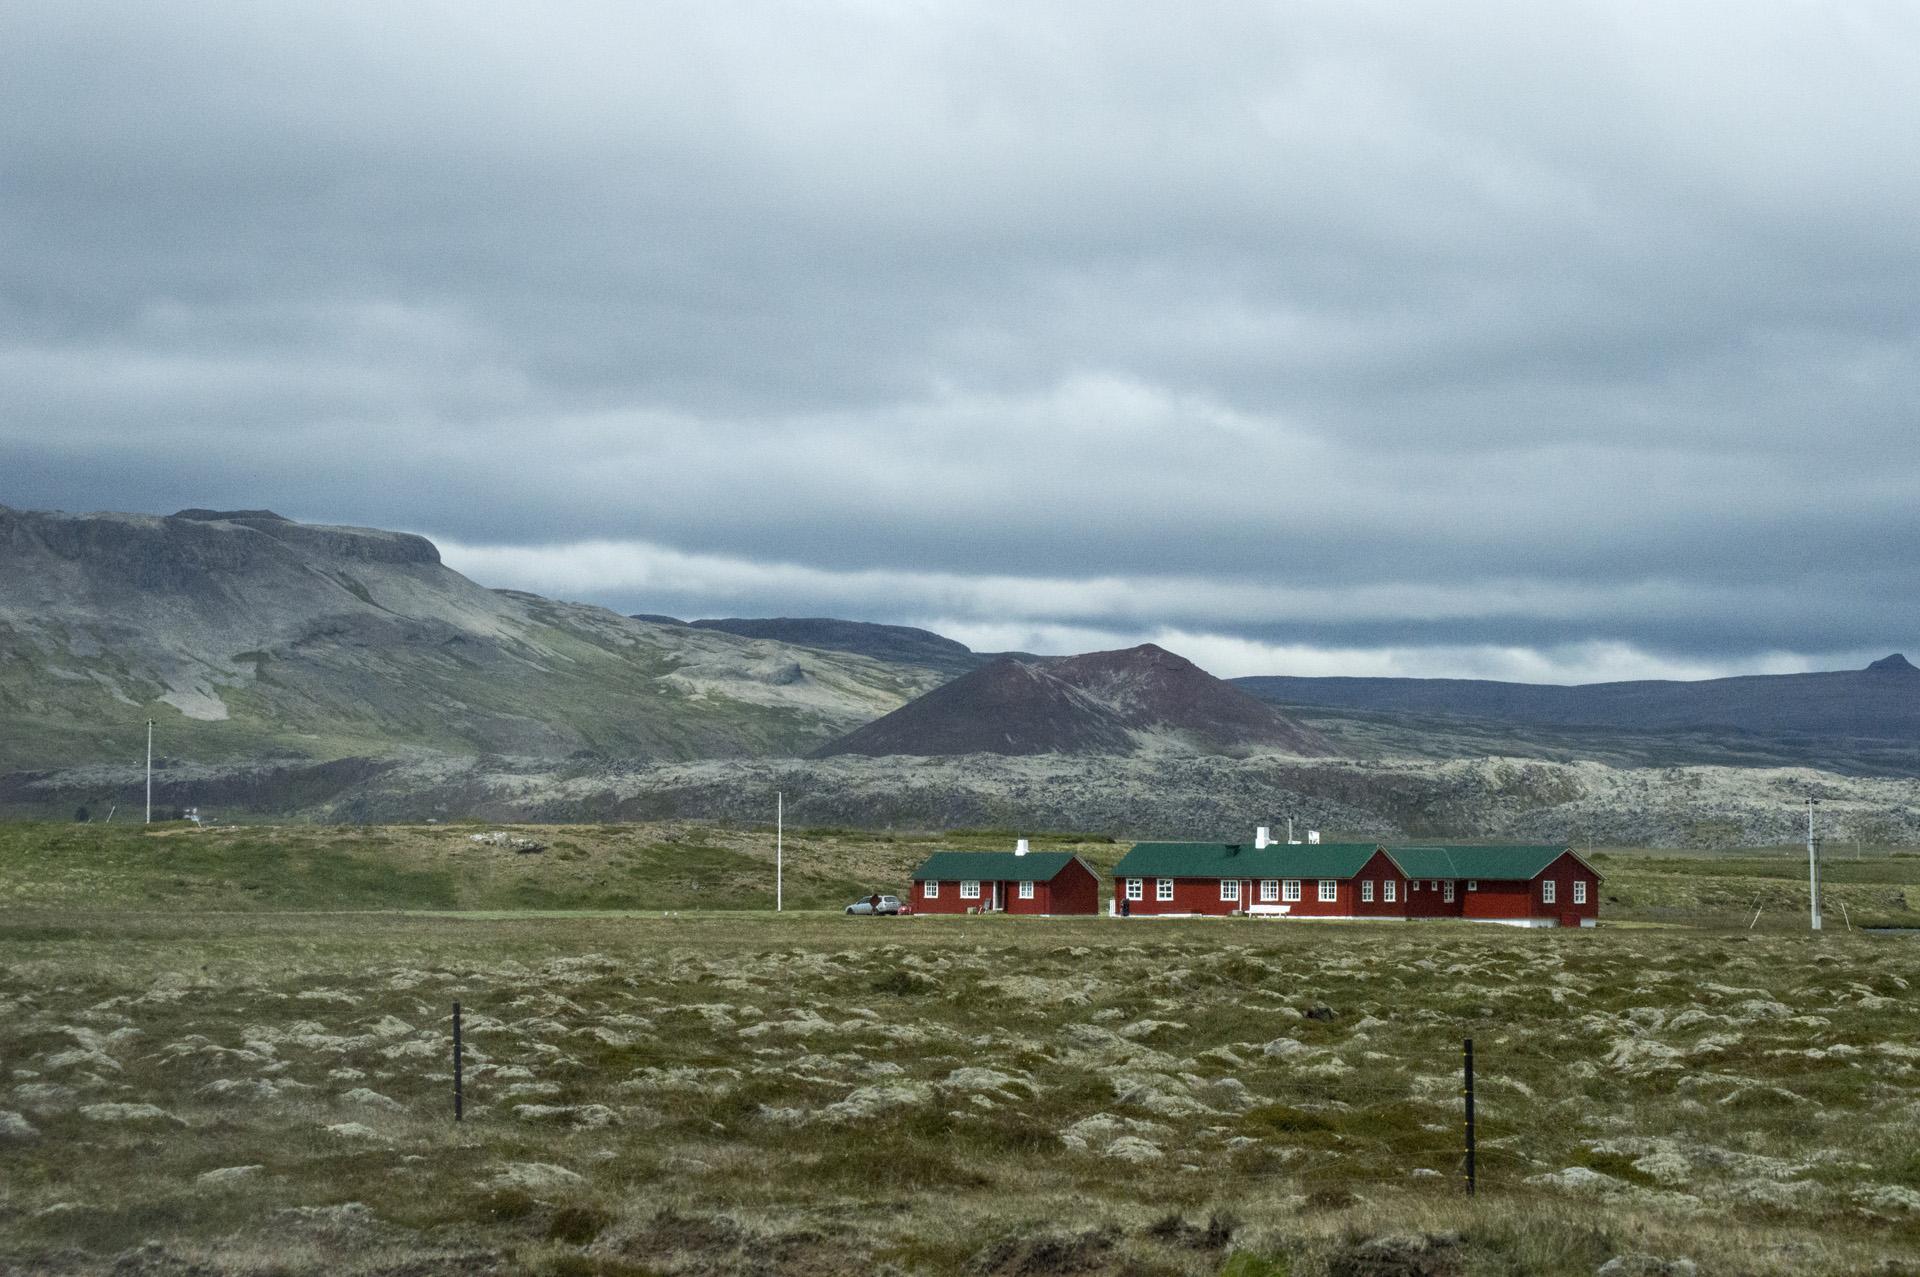 Haffjarðará (fishing club), just off of Snæfellsnesvegur, Vesturland region, Iceland.